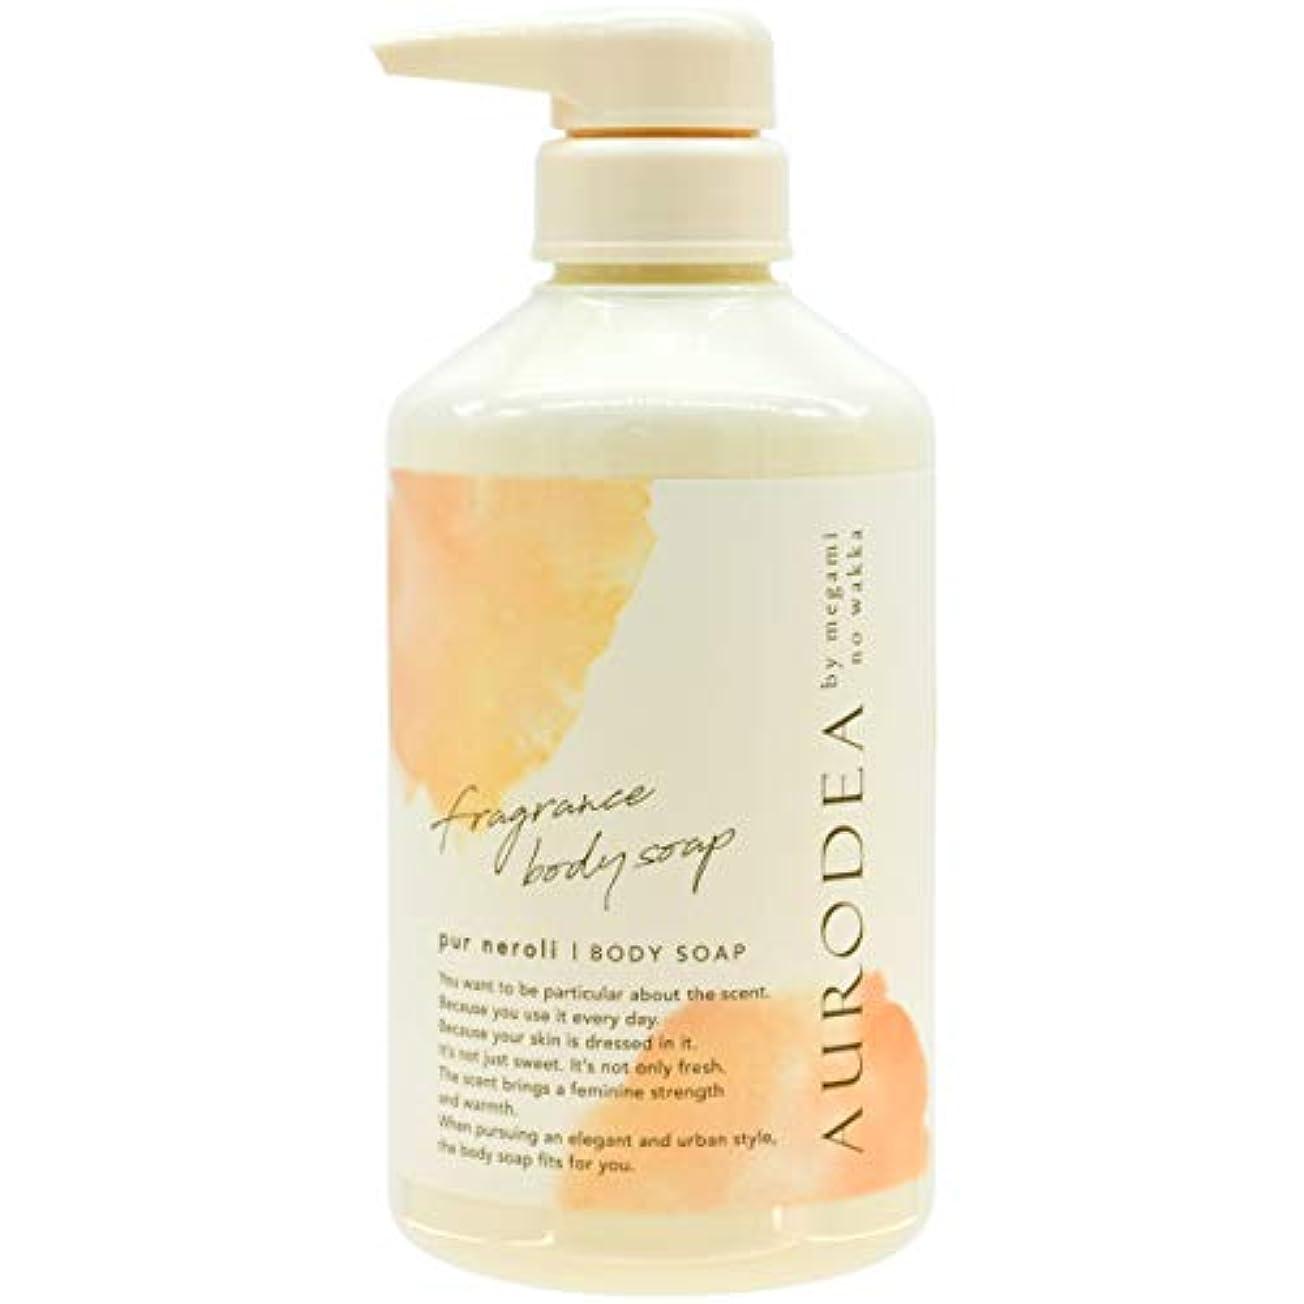 うねるシアー曖昧なAURODEA (アウロディア) フレグランス ボディソープ ピュールネロリの香り [ 植物由来 敏感肌 ] 480ml せっけんベース 4種の ビタミン by megami no wakka